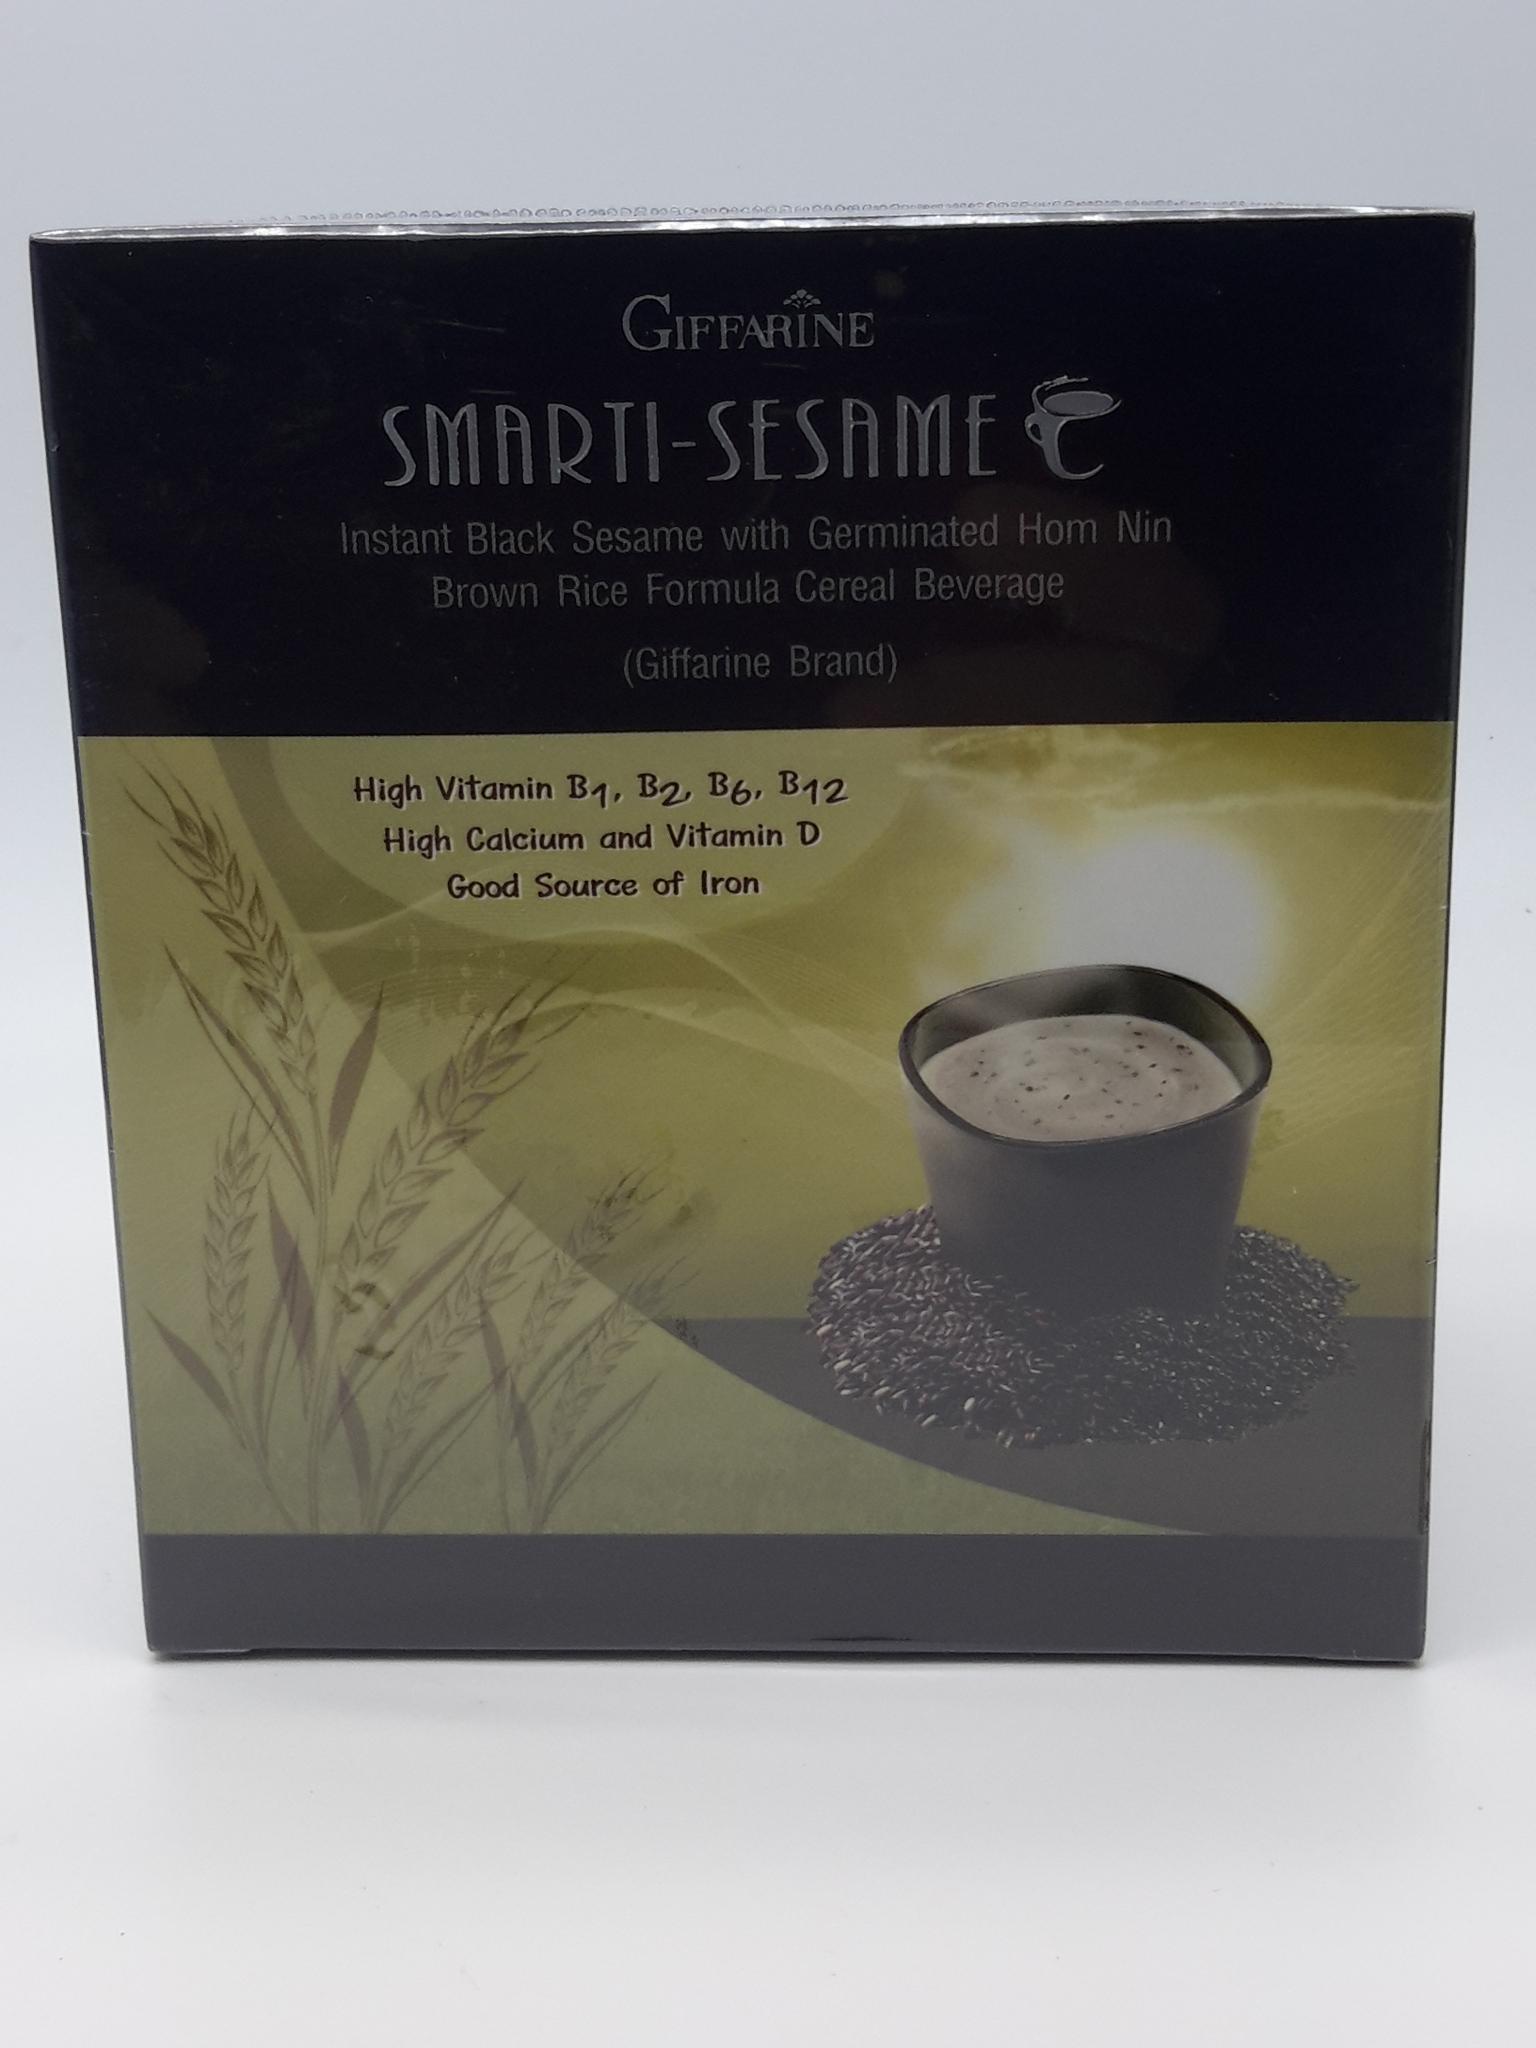 เครื่งดืมธัญญาหารสำเร็จรูปสูตรงาดำผสมข้าวกล้องหอมนิลงอก ( 27 กรัม × 10 ซอง)